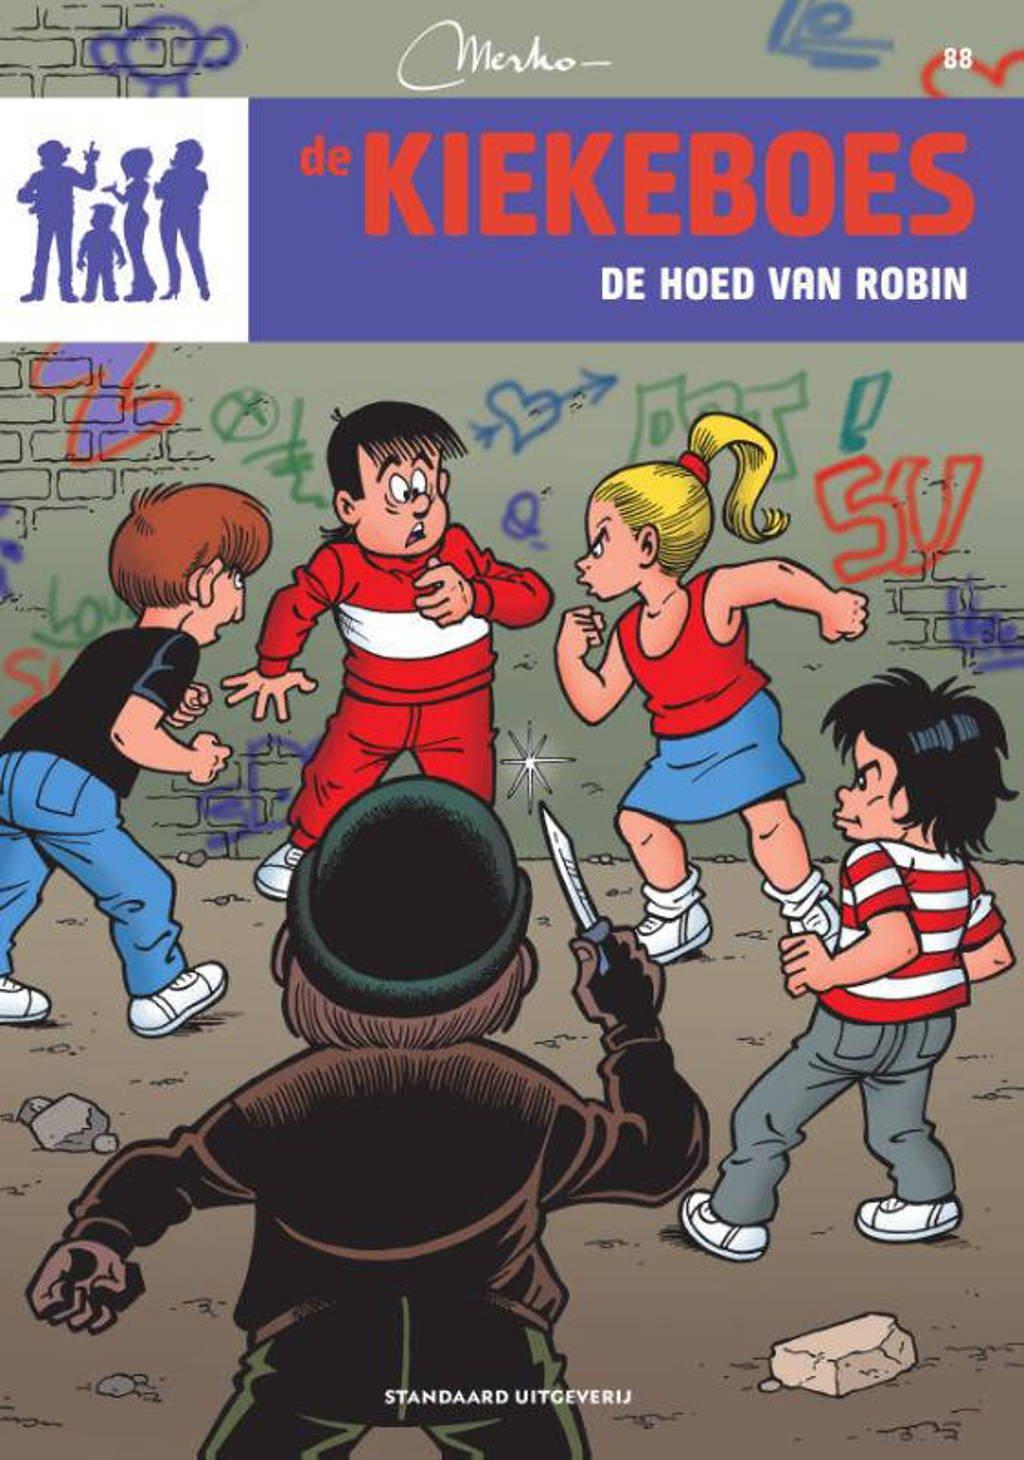 De Kiekeboes: De hoed van Robin - Merho